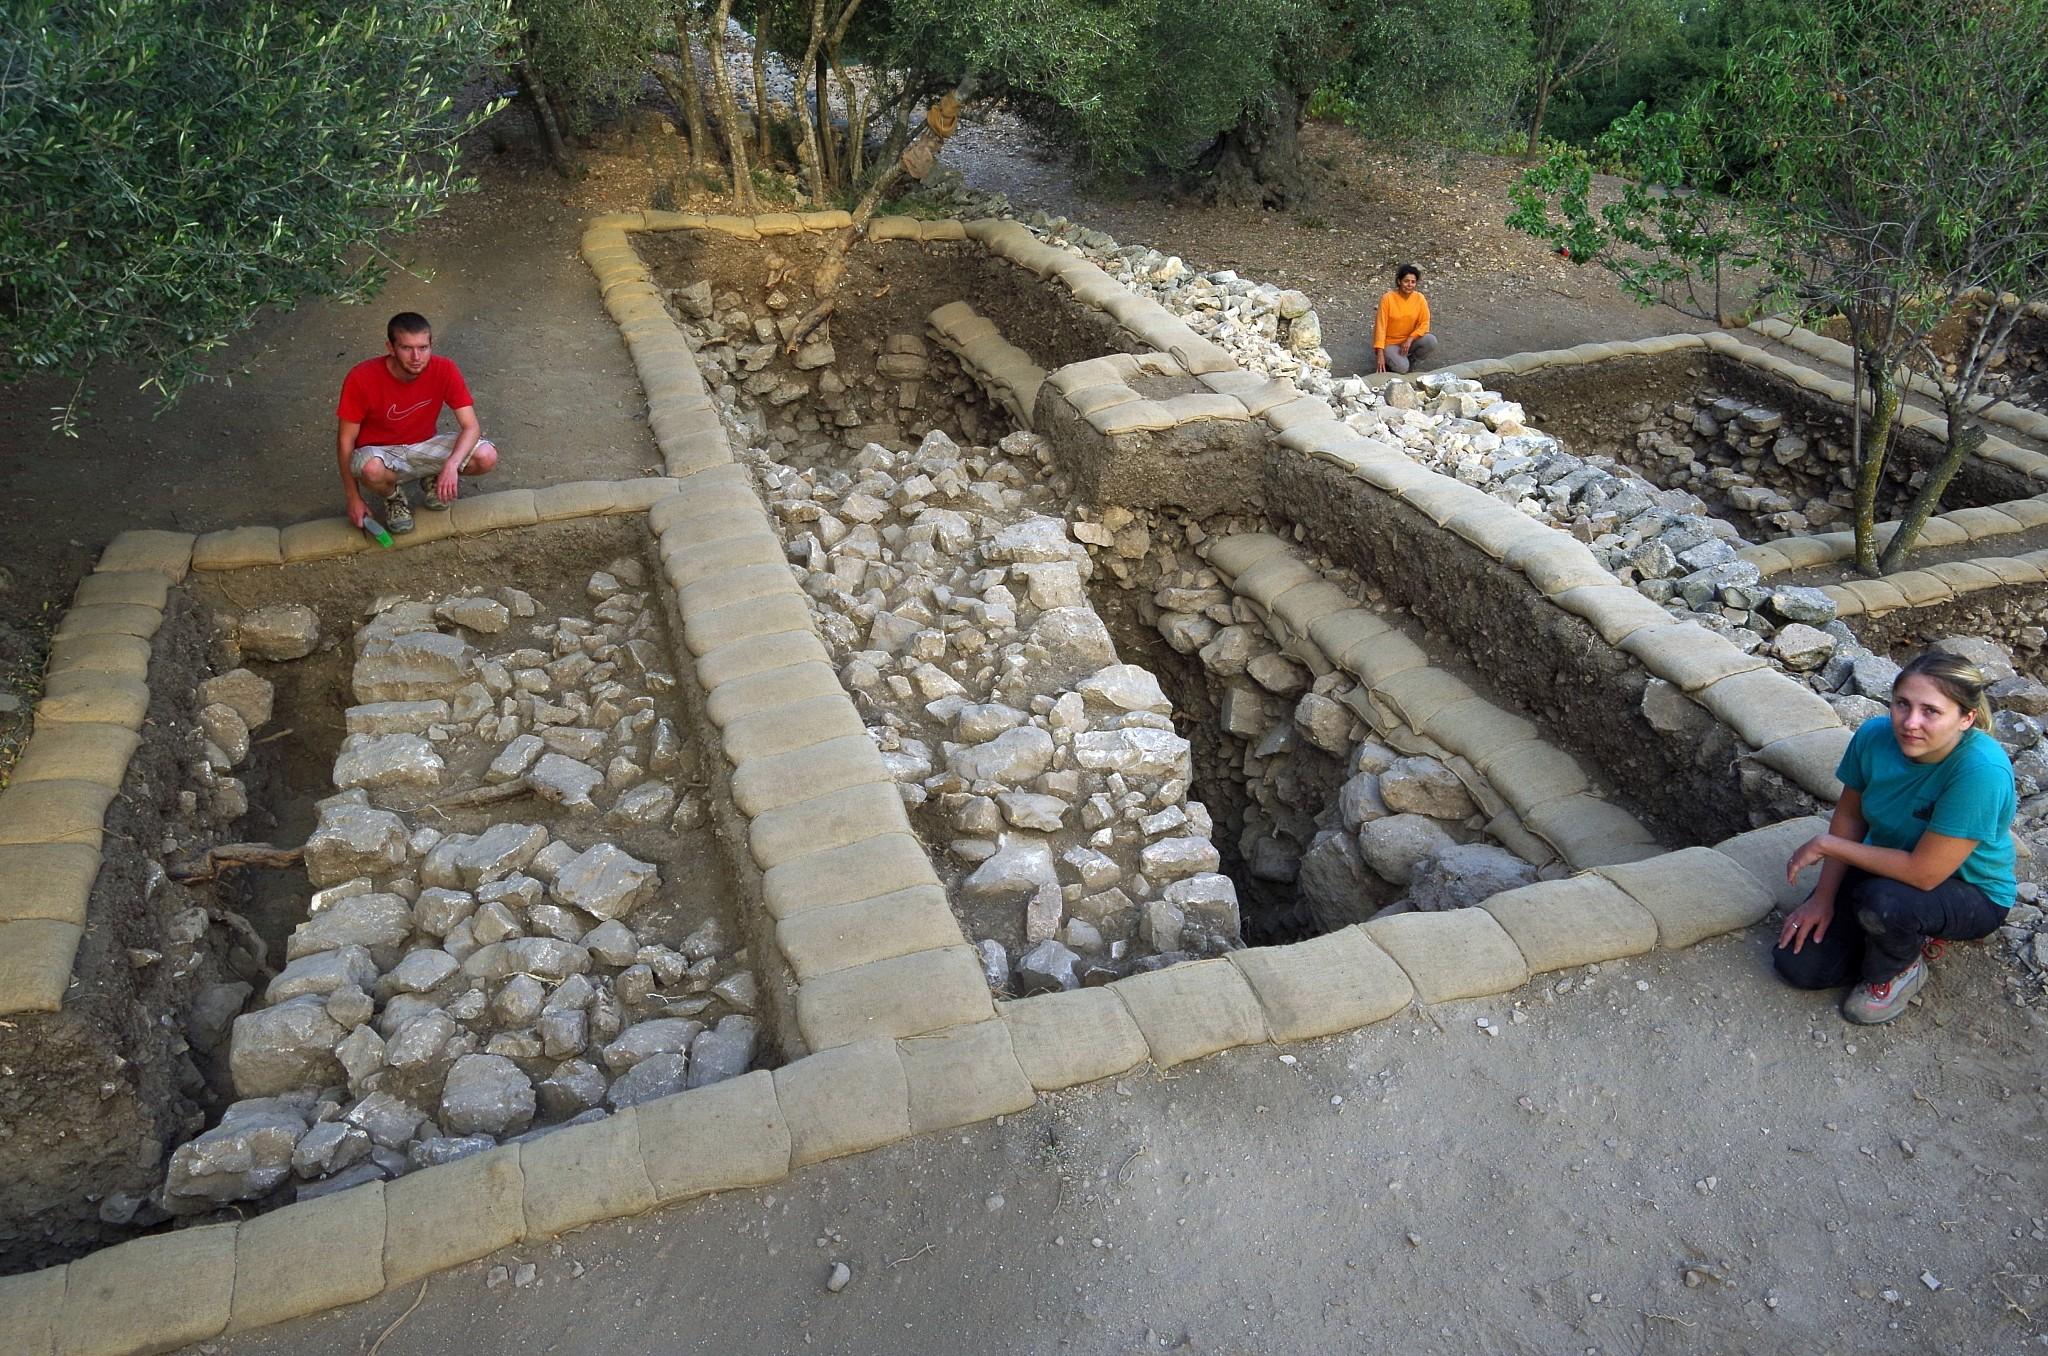 Découverte d'un site biblique lié à l'Arche d'Alliance dans le centre d'Israël